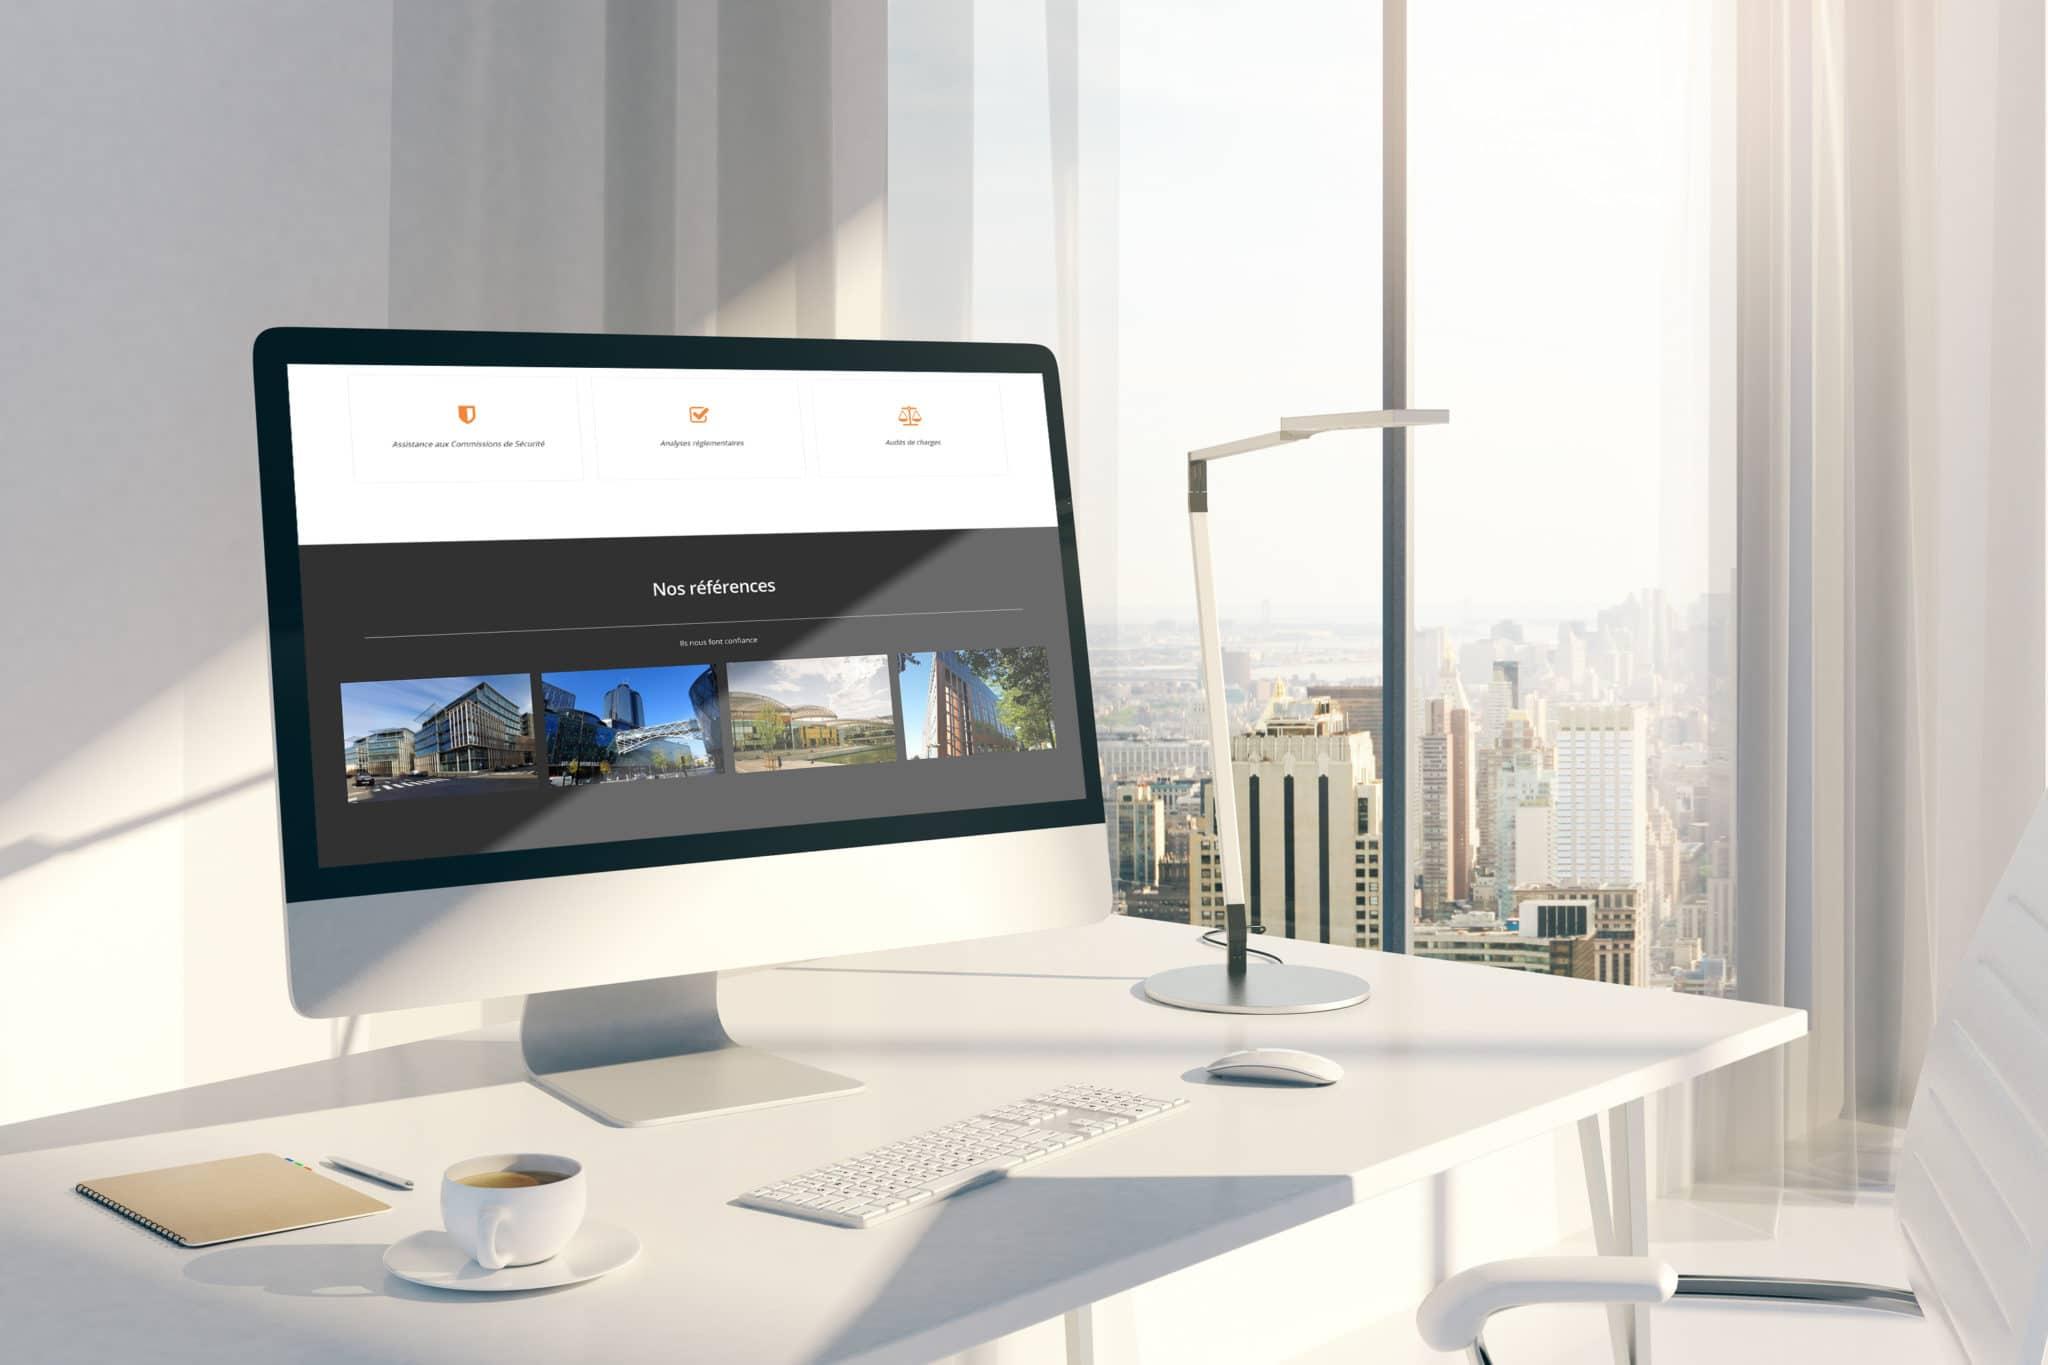 image de mise en situation du site web dans un écran d'ordinateur